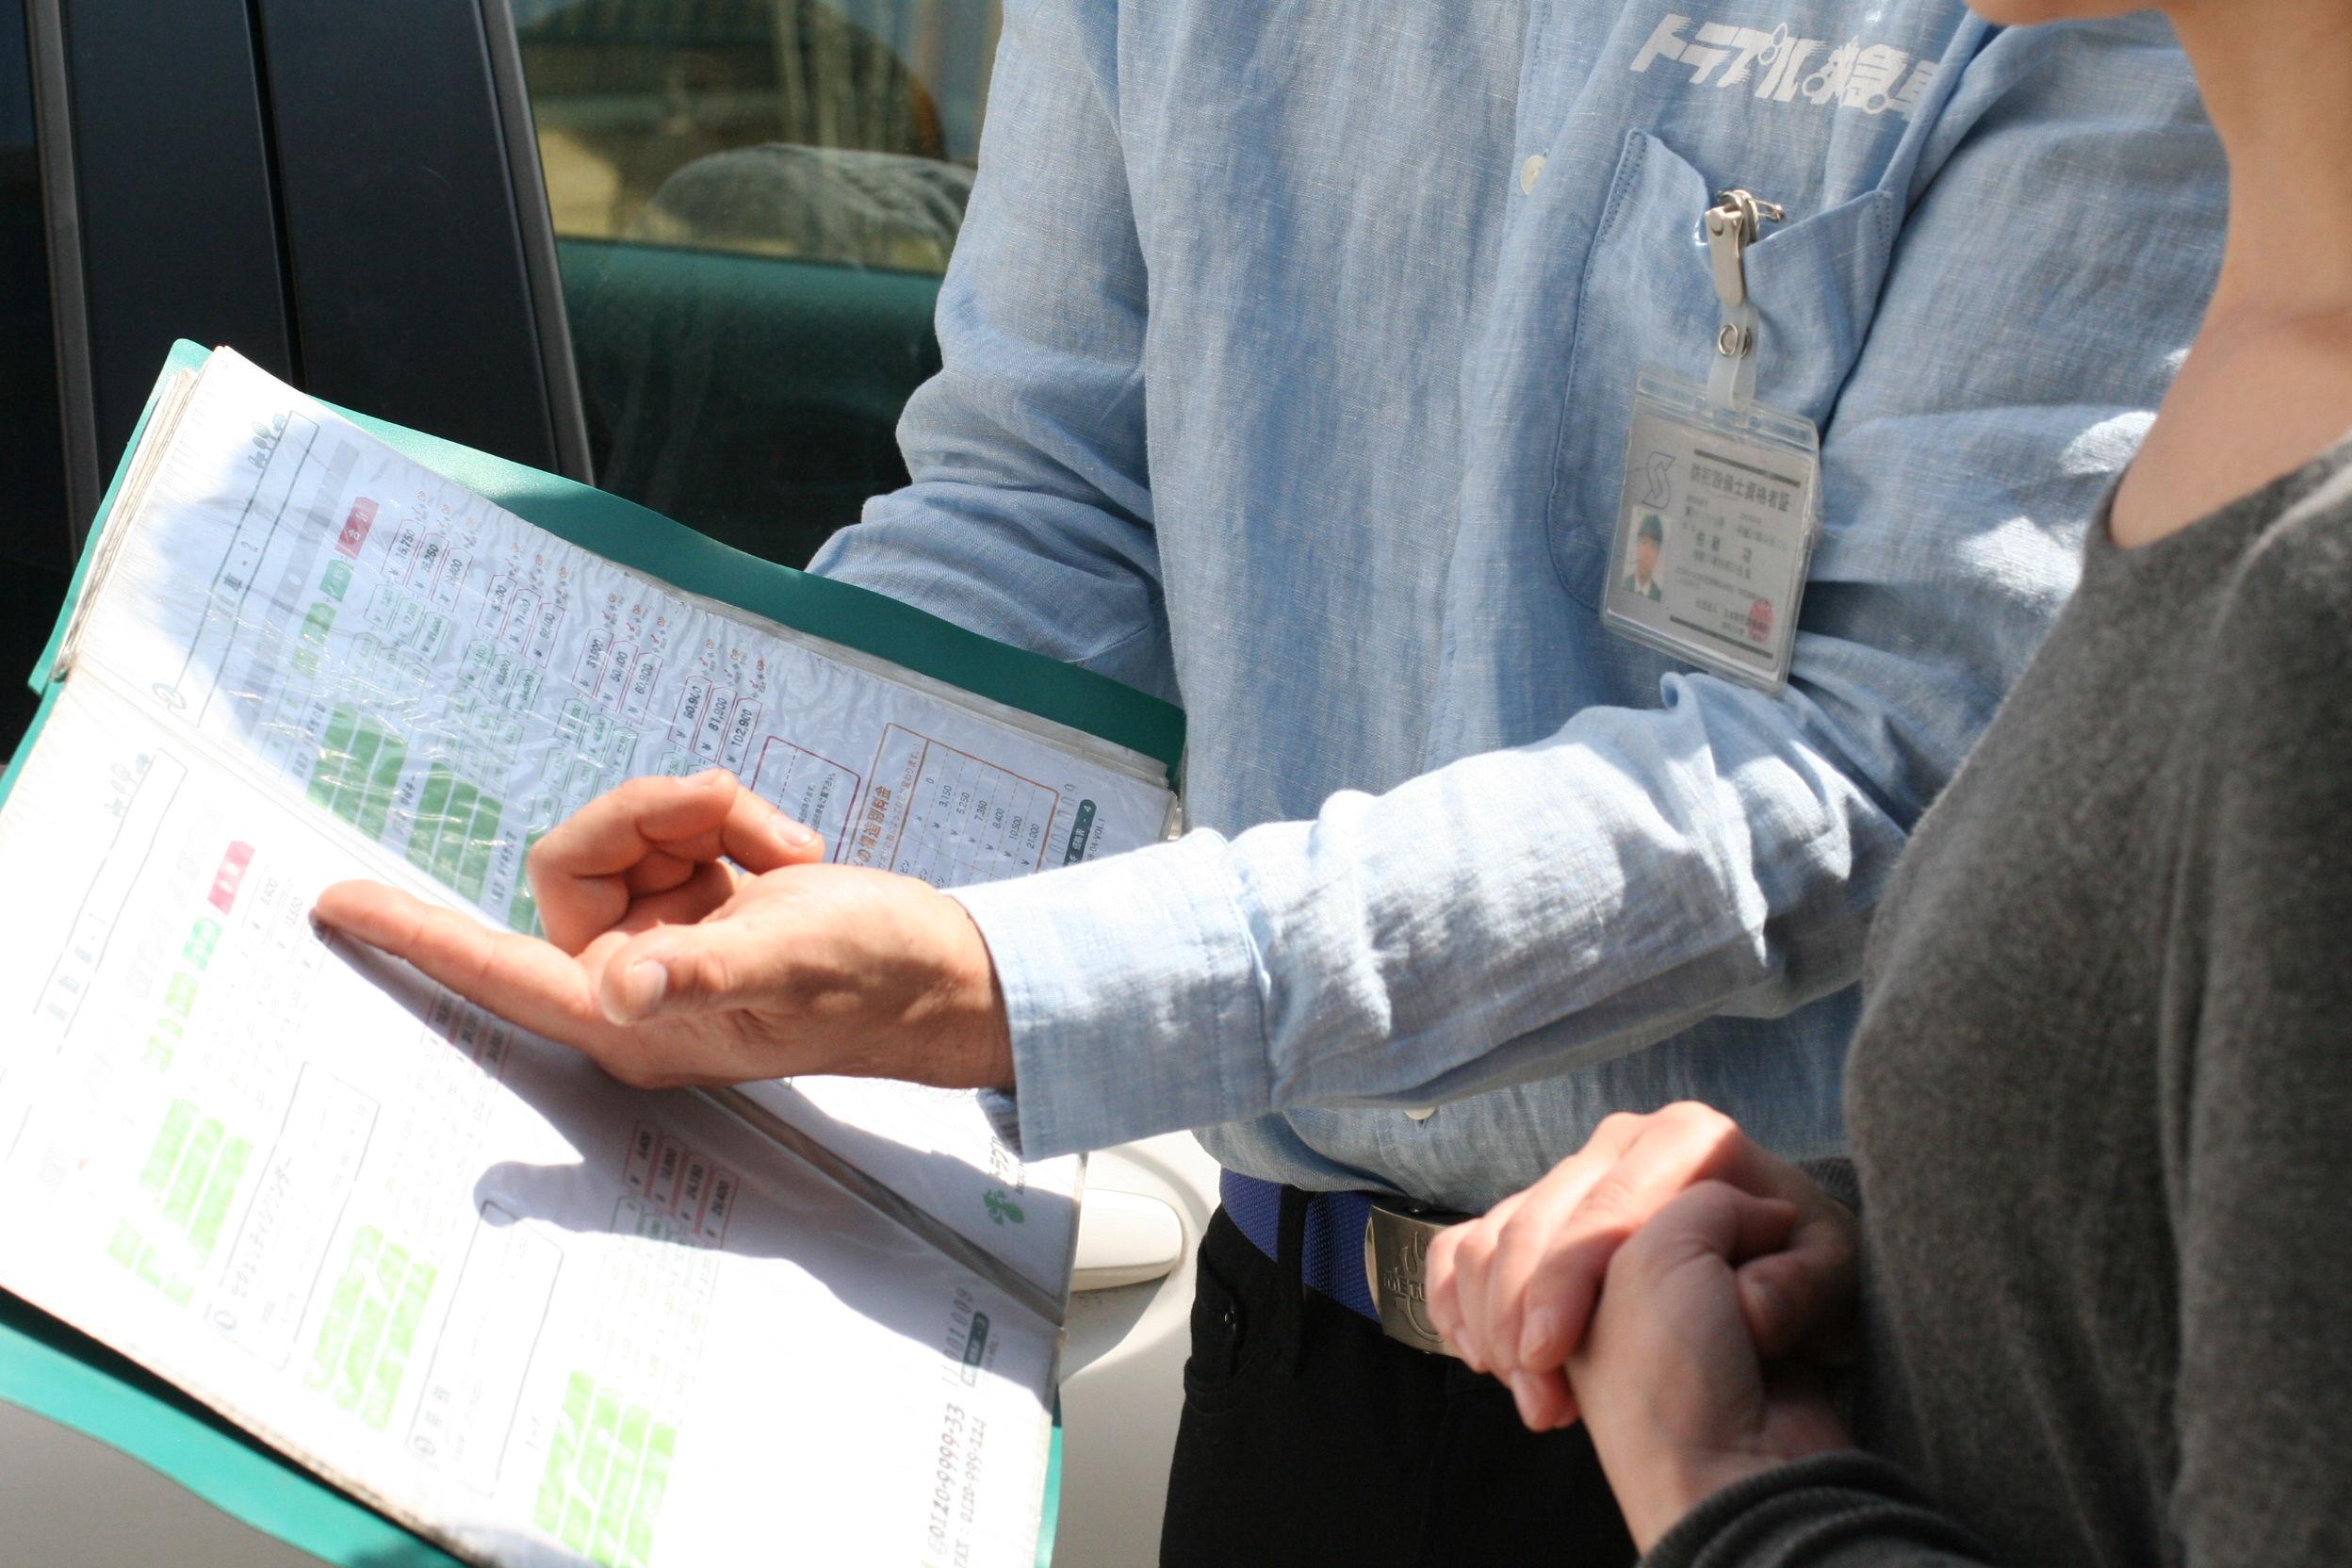 カギのトラブル救急車【京都市山科区 出張エリア】のメイン画像